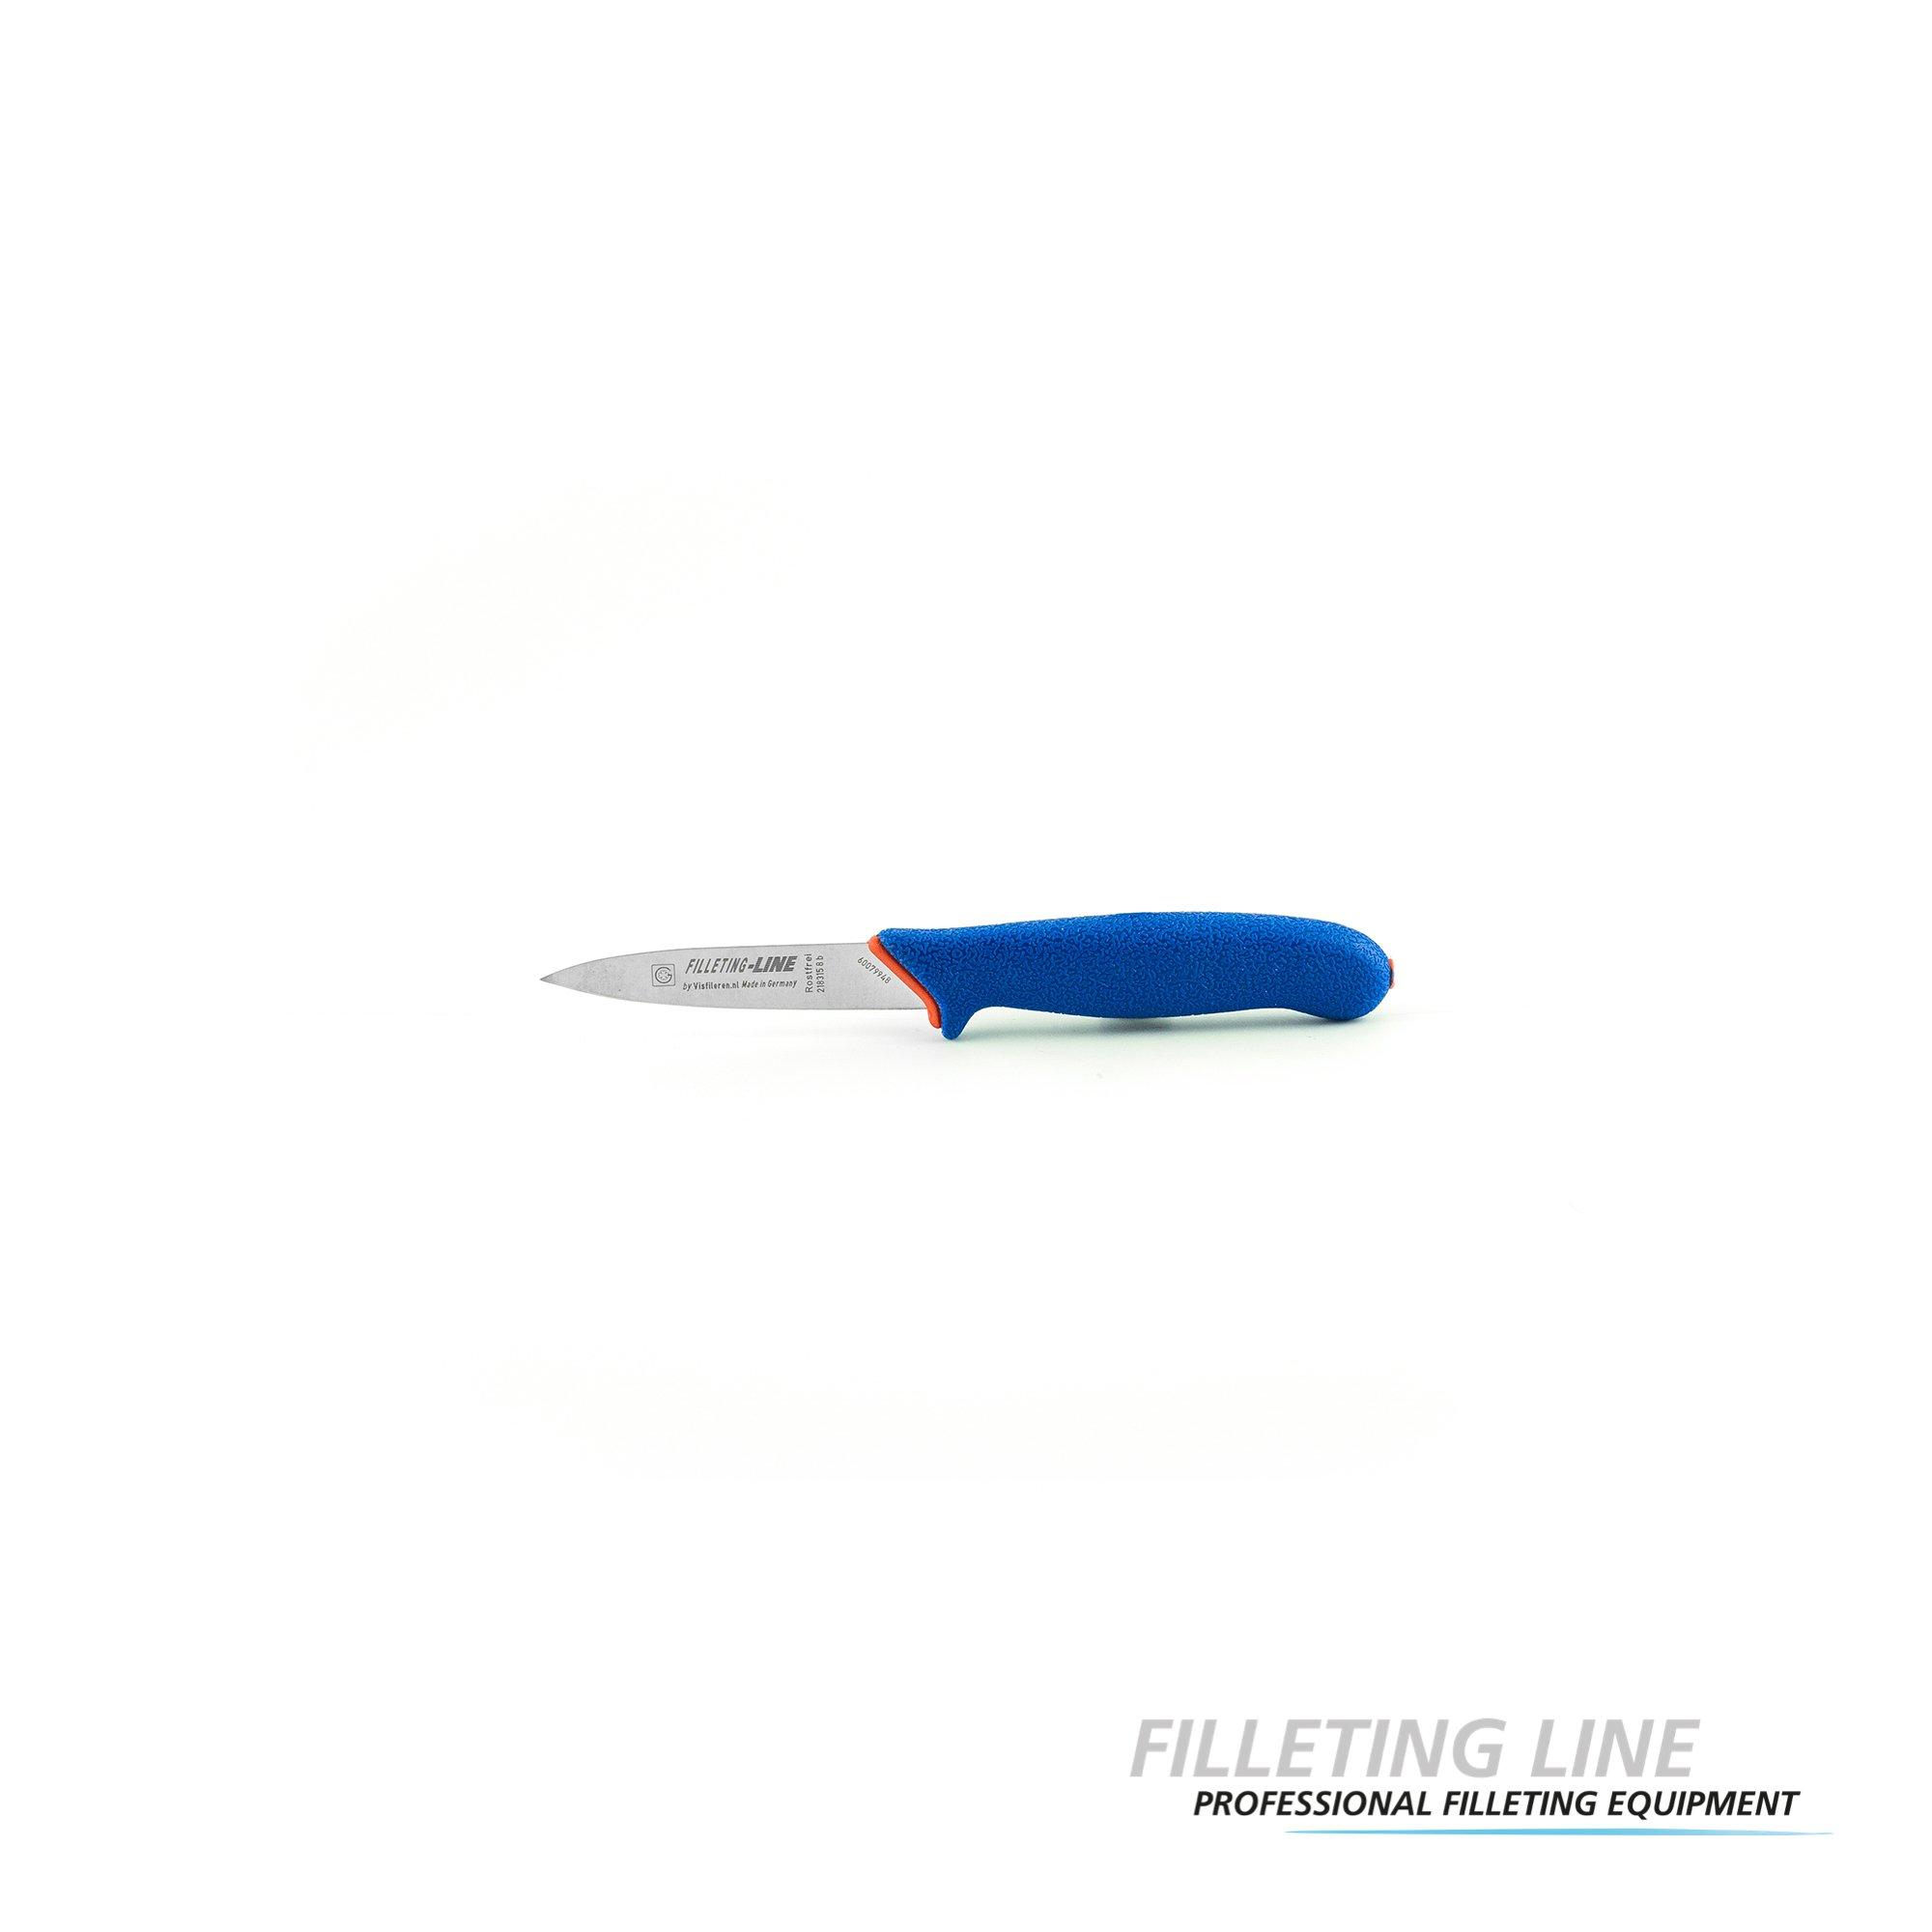 FILLETING LINE_2000x2000_RECHT_logo-7